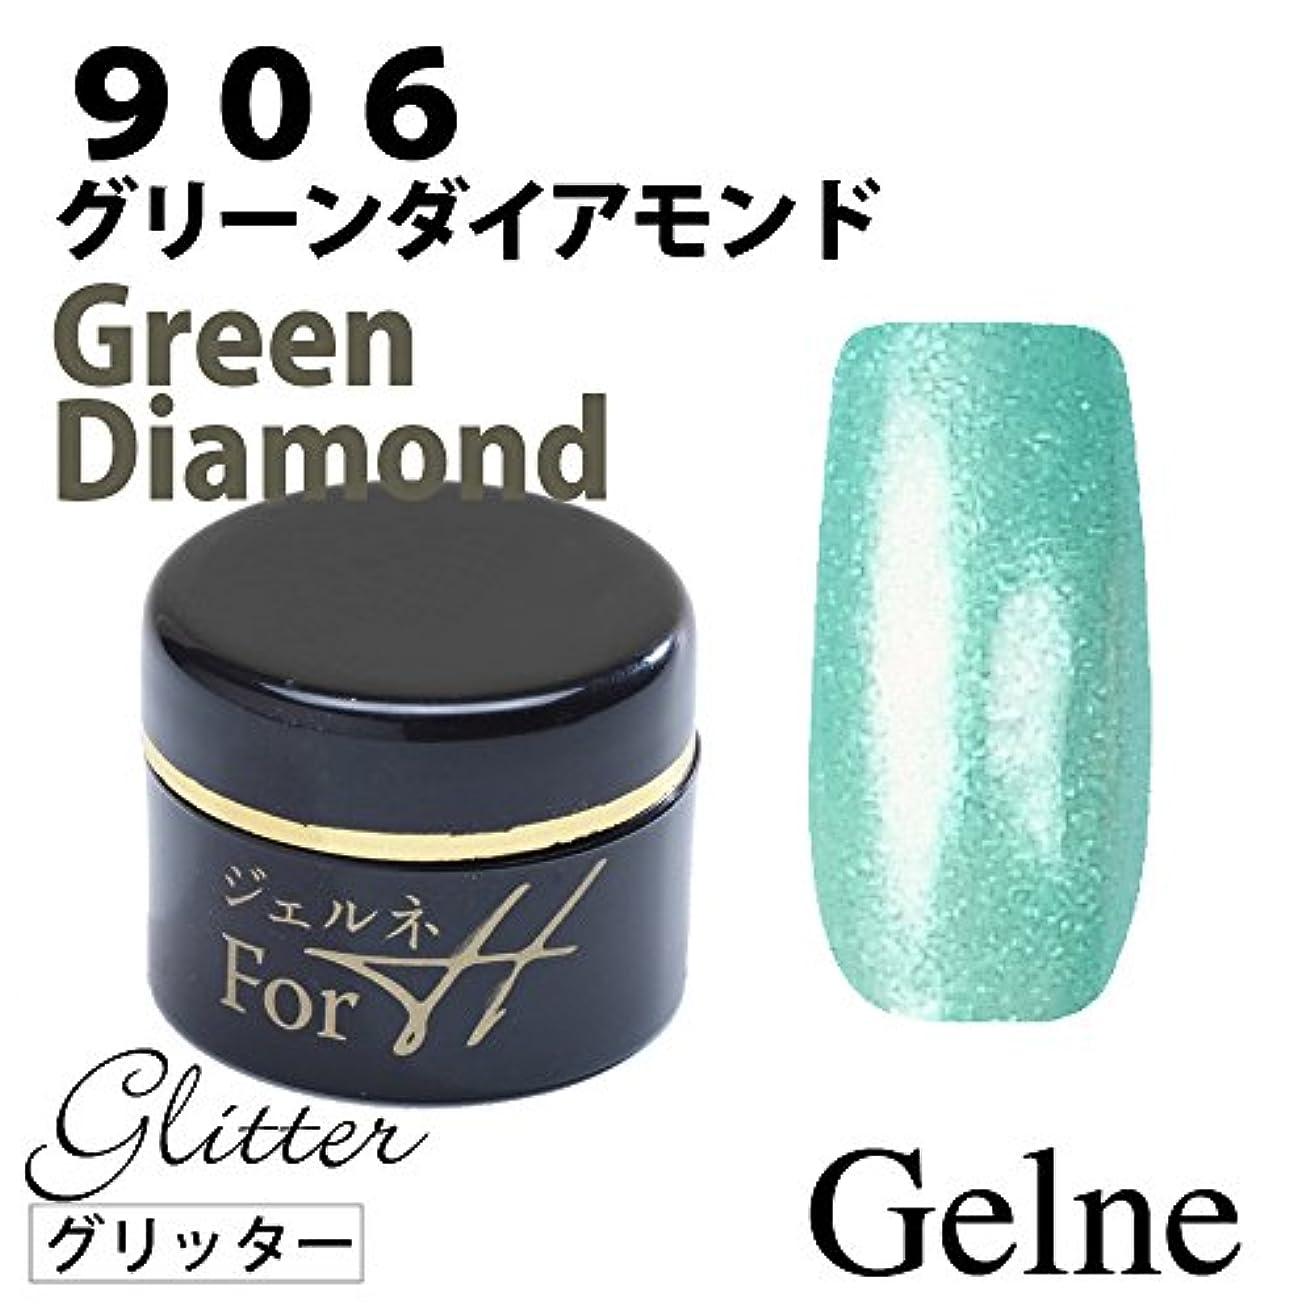 偏心アピール気がついてGelneオリジナル グリーンダイヤモンド カラージェル 5g LED/UV対応